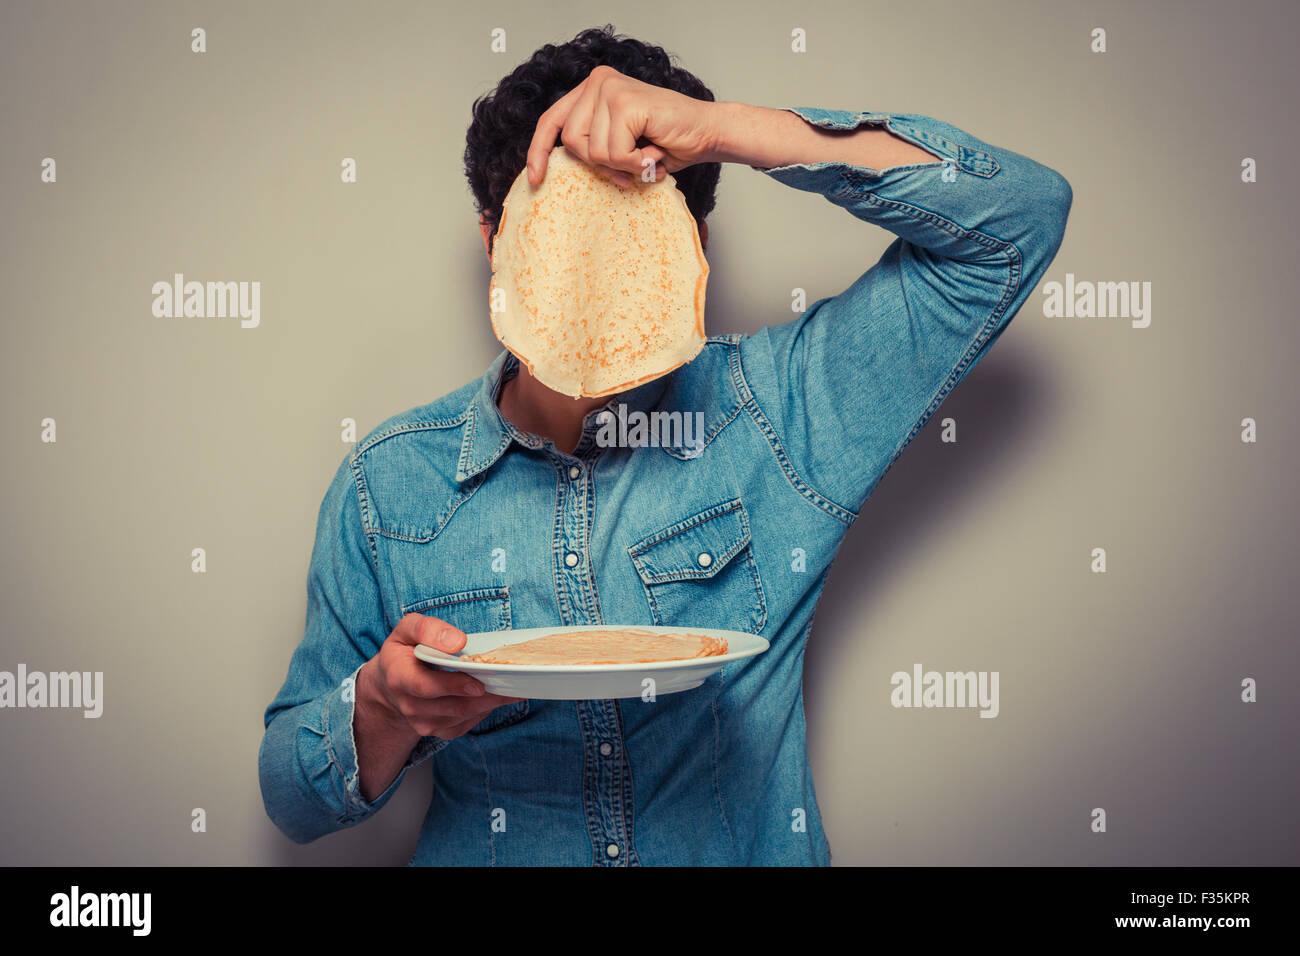 Giovane uomo si nasconde il suo volto dietro un pancake Immagini Stock